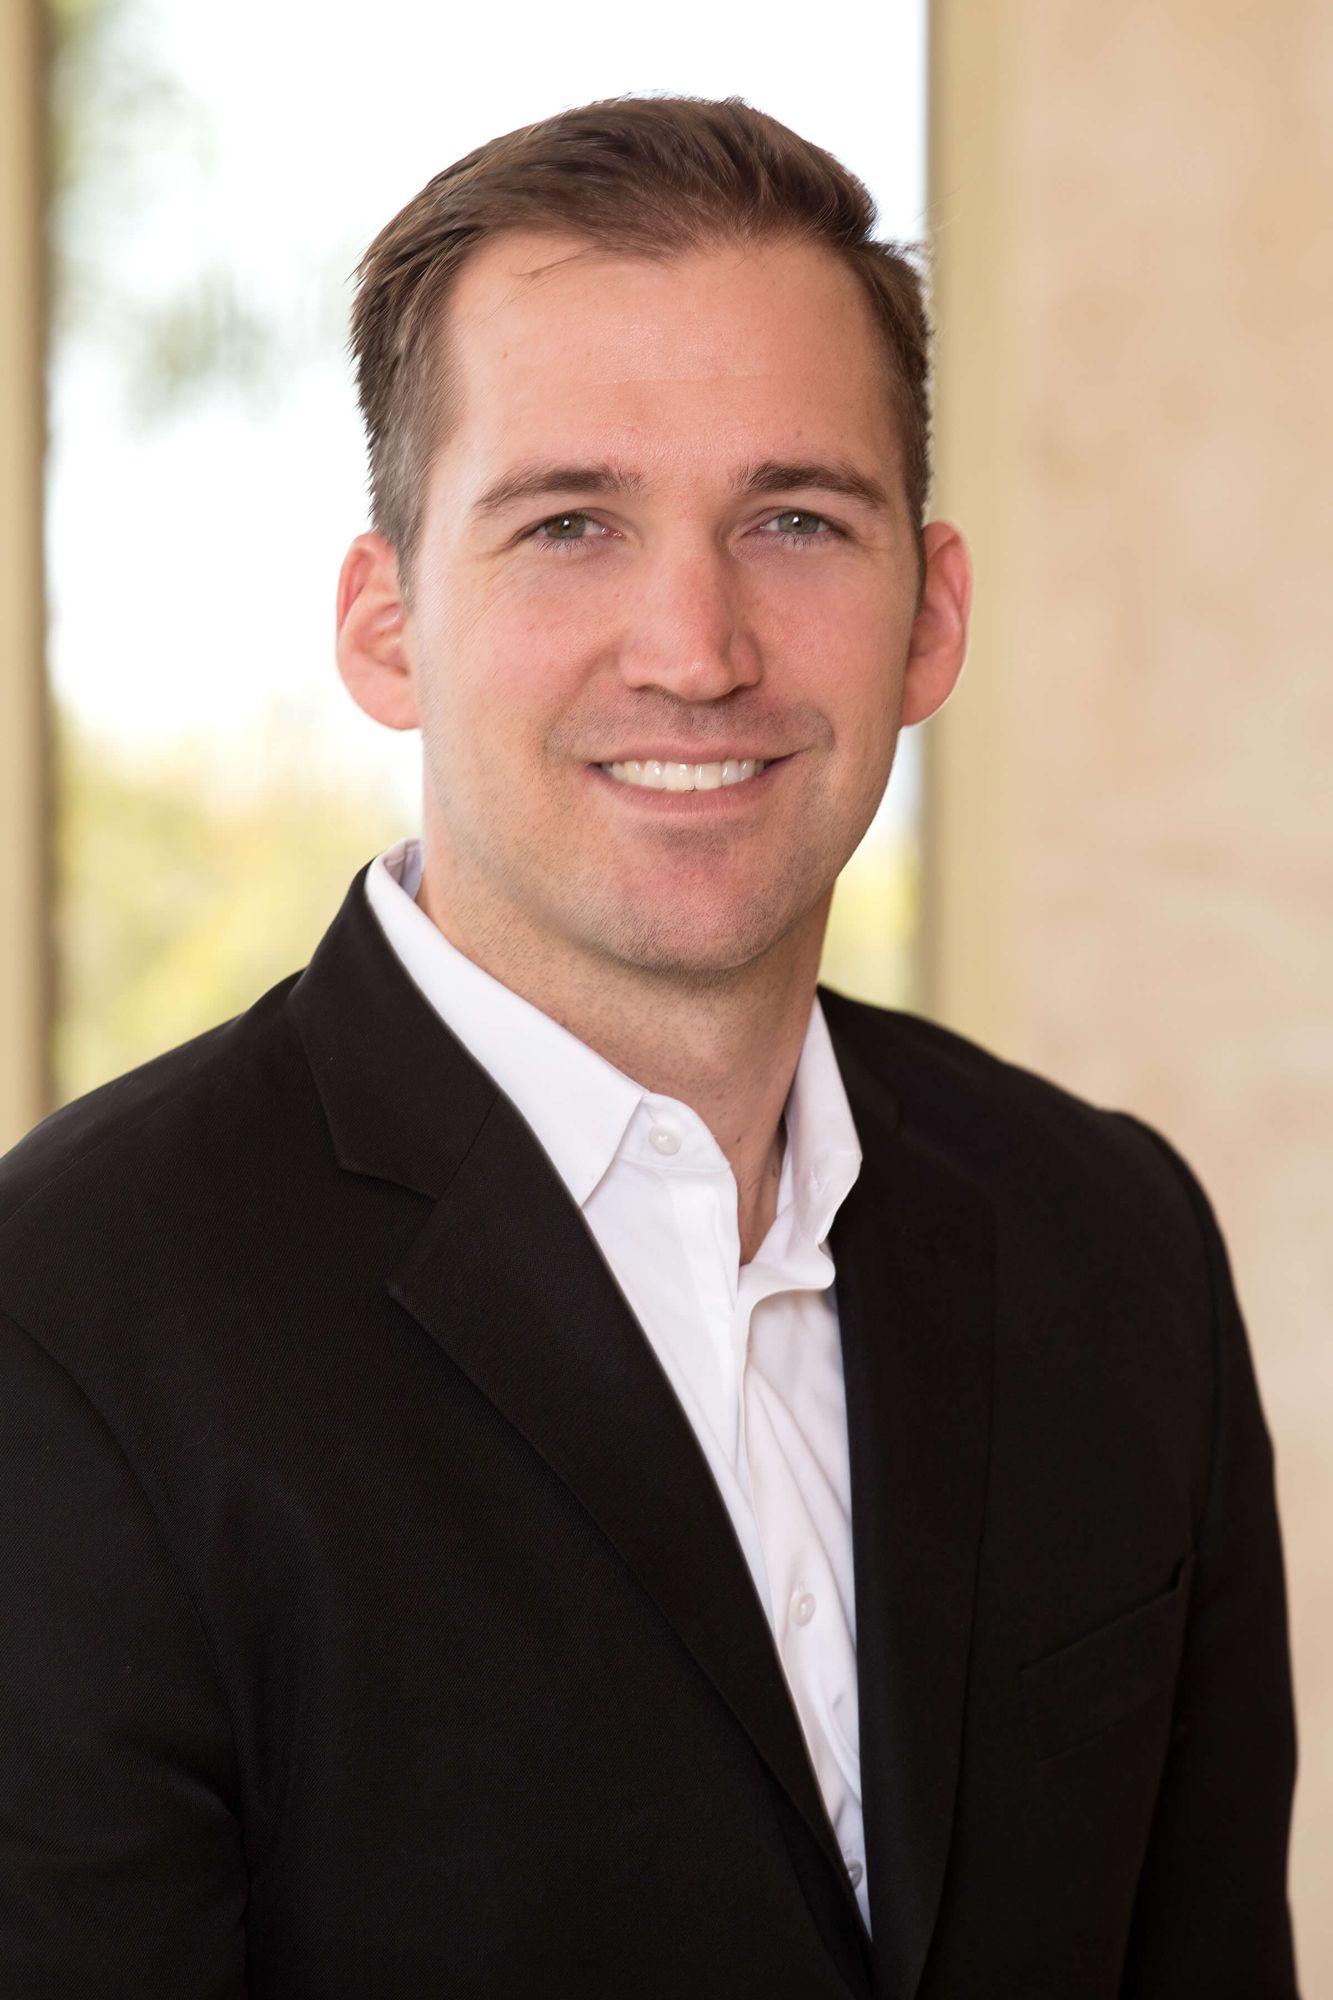 Chad Sinclair